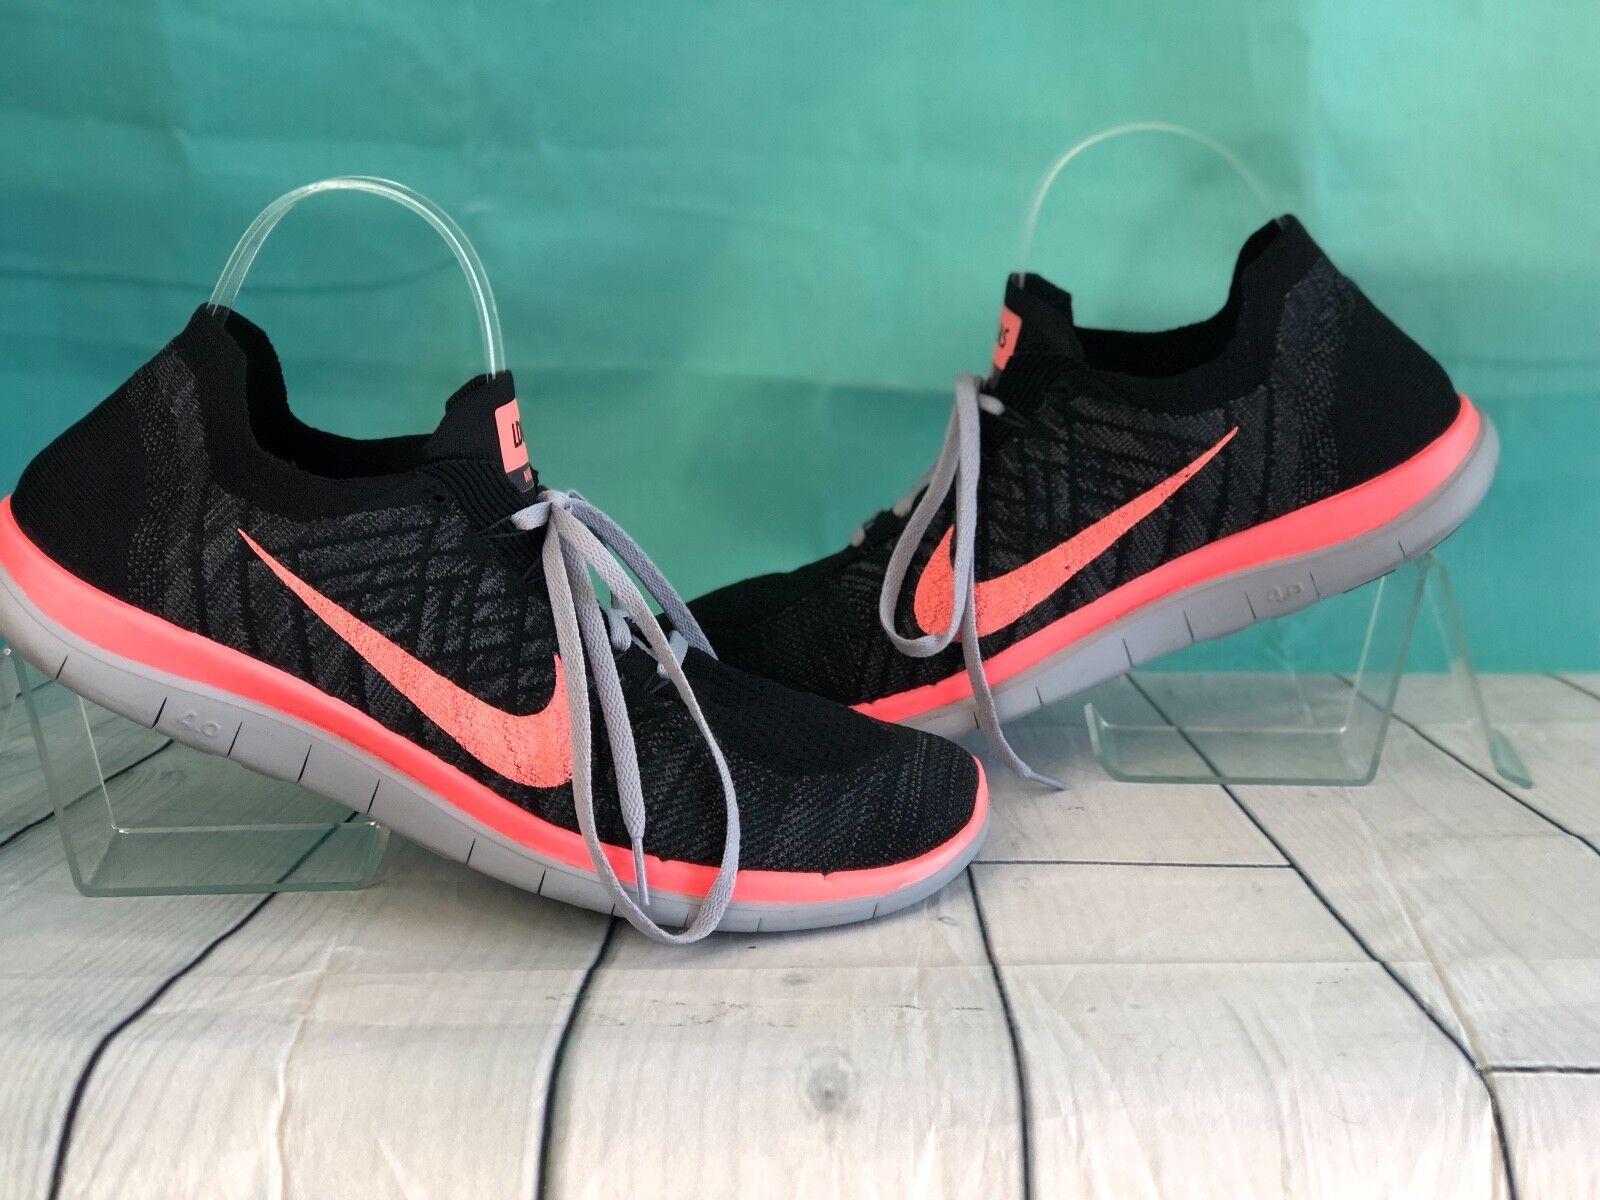 huge selection of 97e17 e9670 Nike Free 4.0 ldn2 Vegas Hombre color color color negro   coral 638398-007  reducción